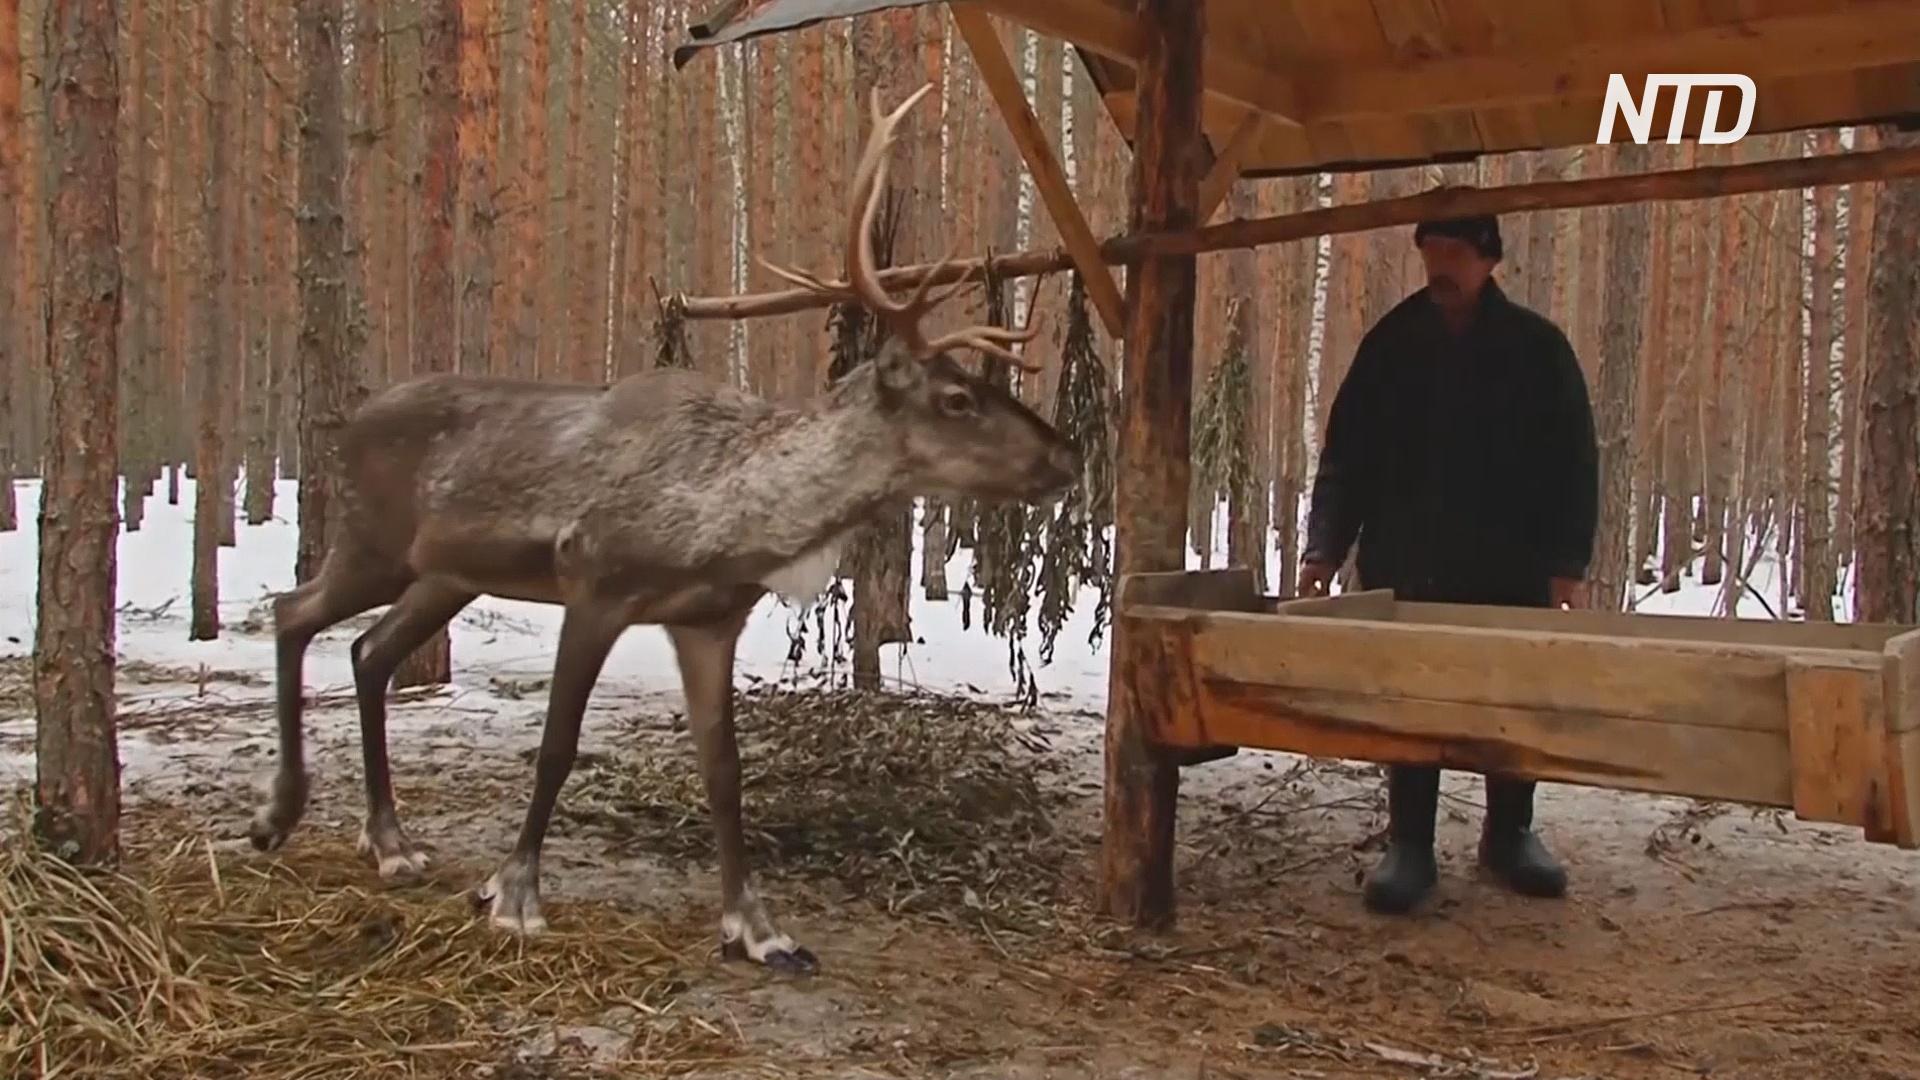 В Нижегородской области лосей и оленей подсчитывают с помощью дрона